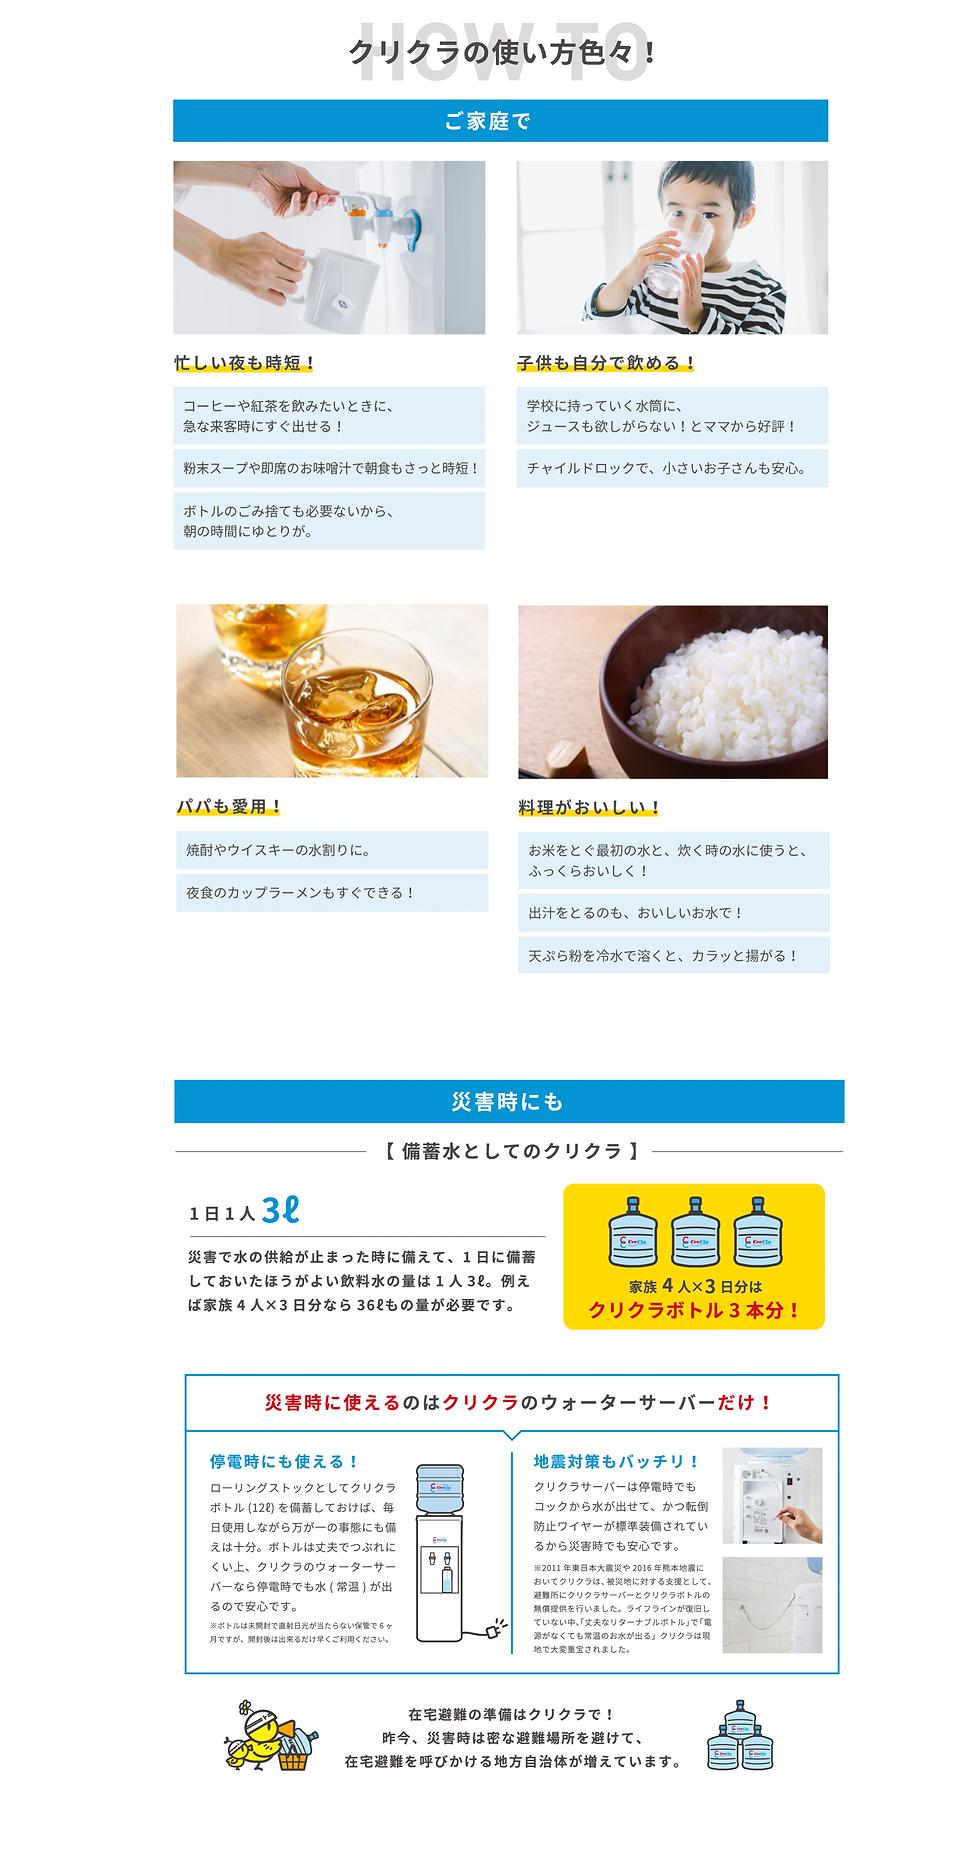 5使い方.png